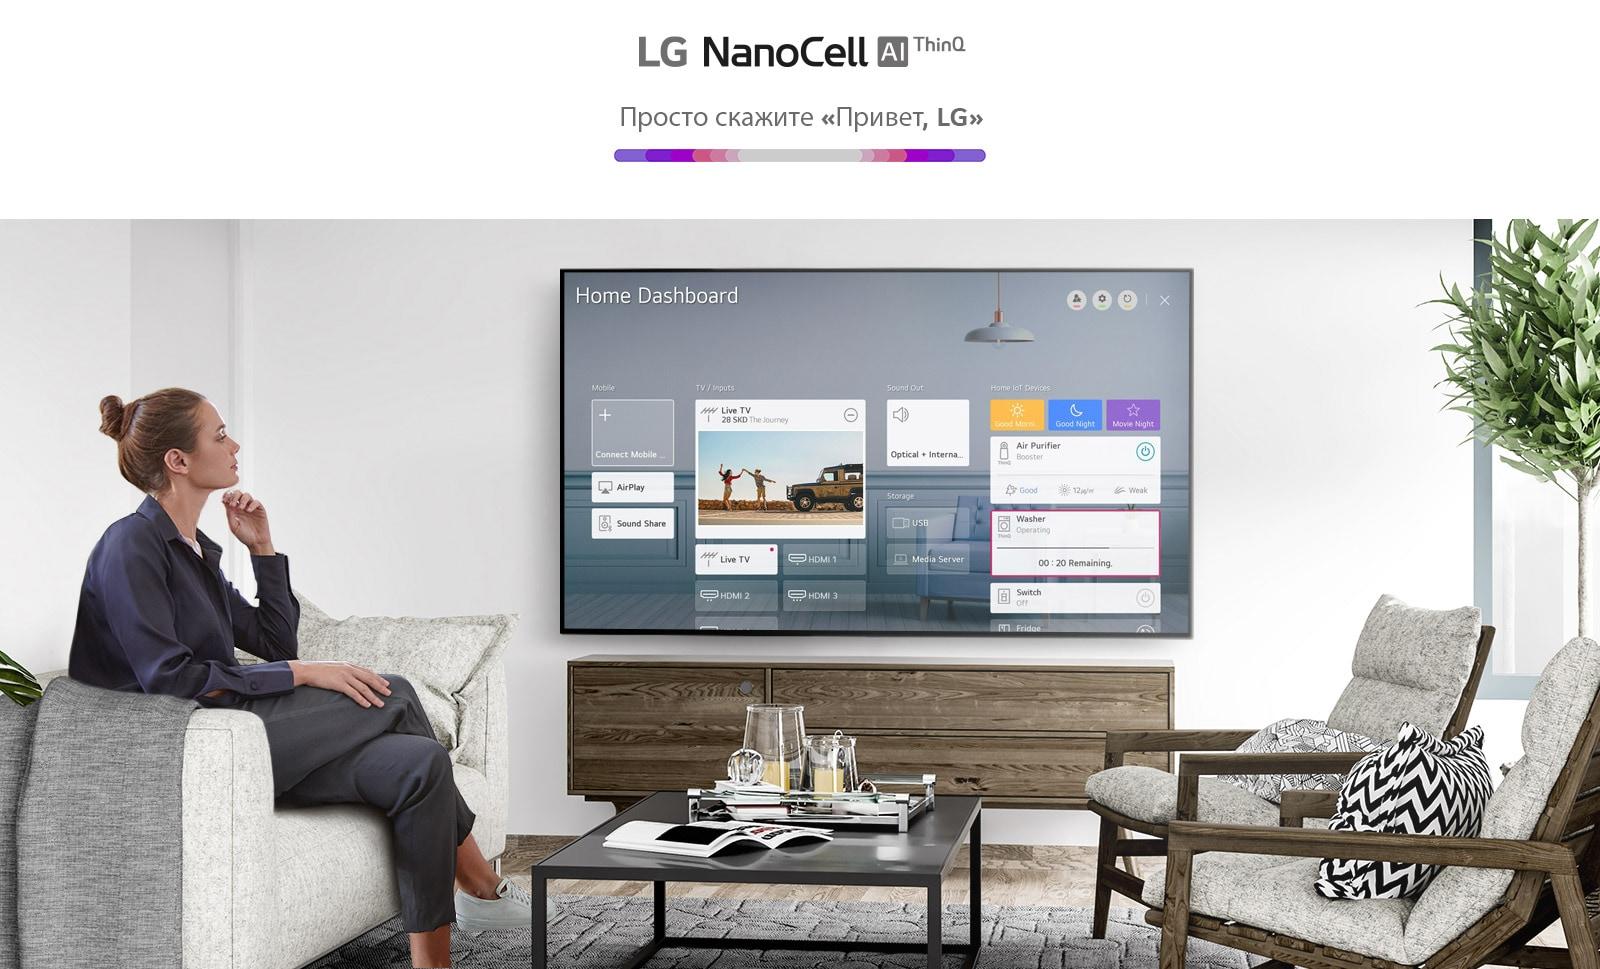 Женщина сидит на диване в гостиной перед телевизором, на котором показана панель управления бытовой техникой.